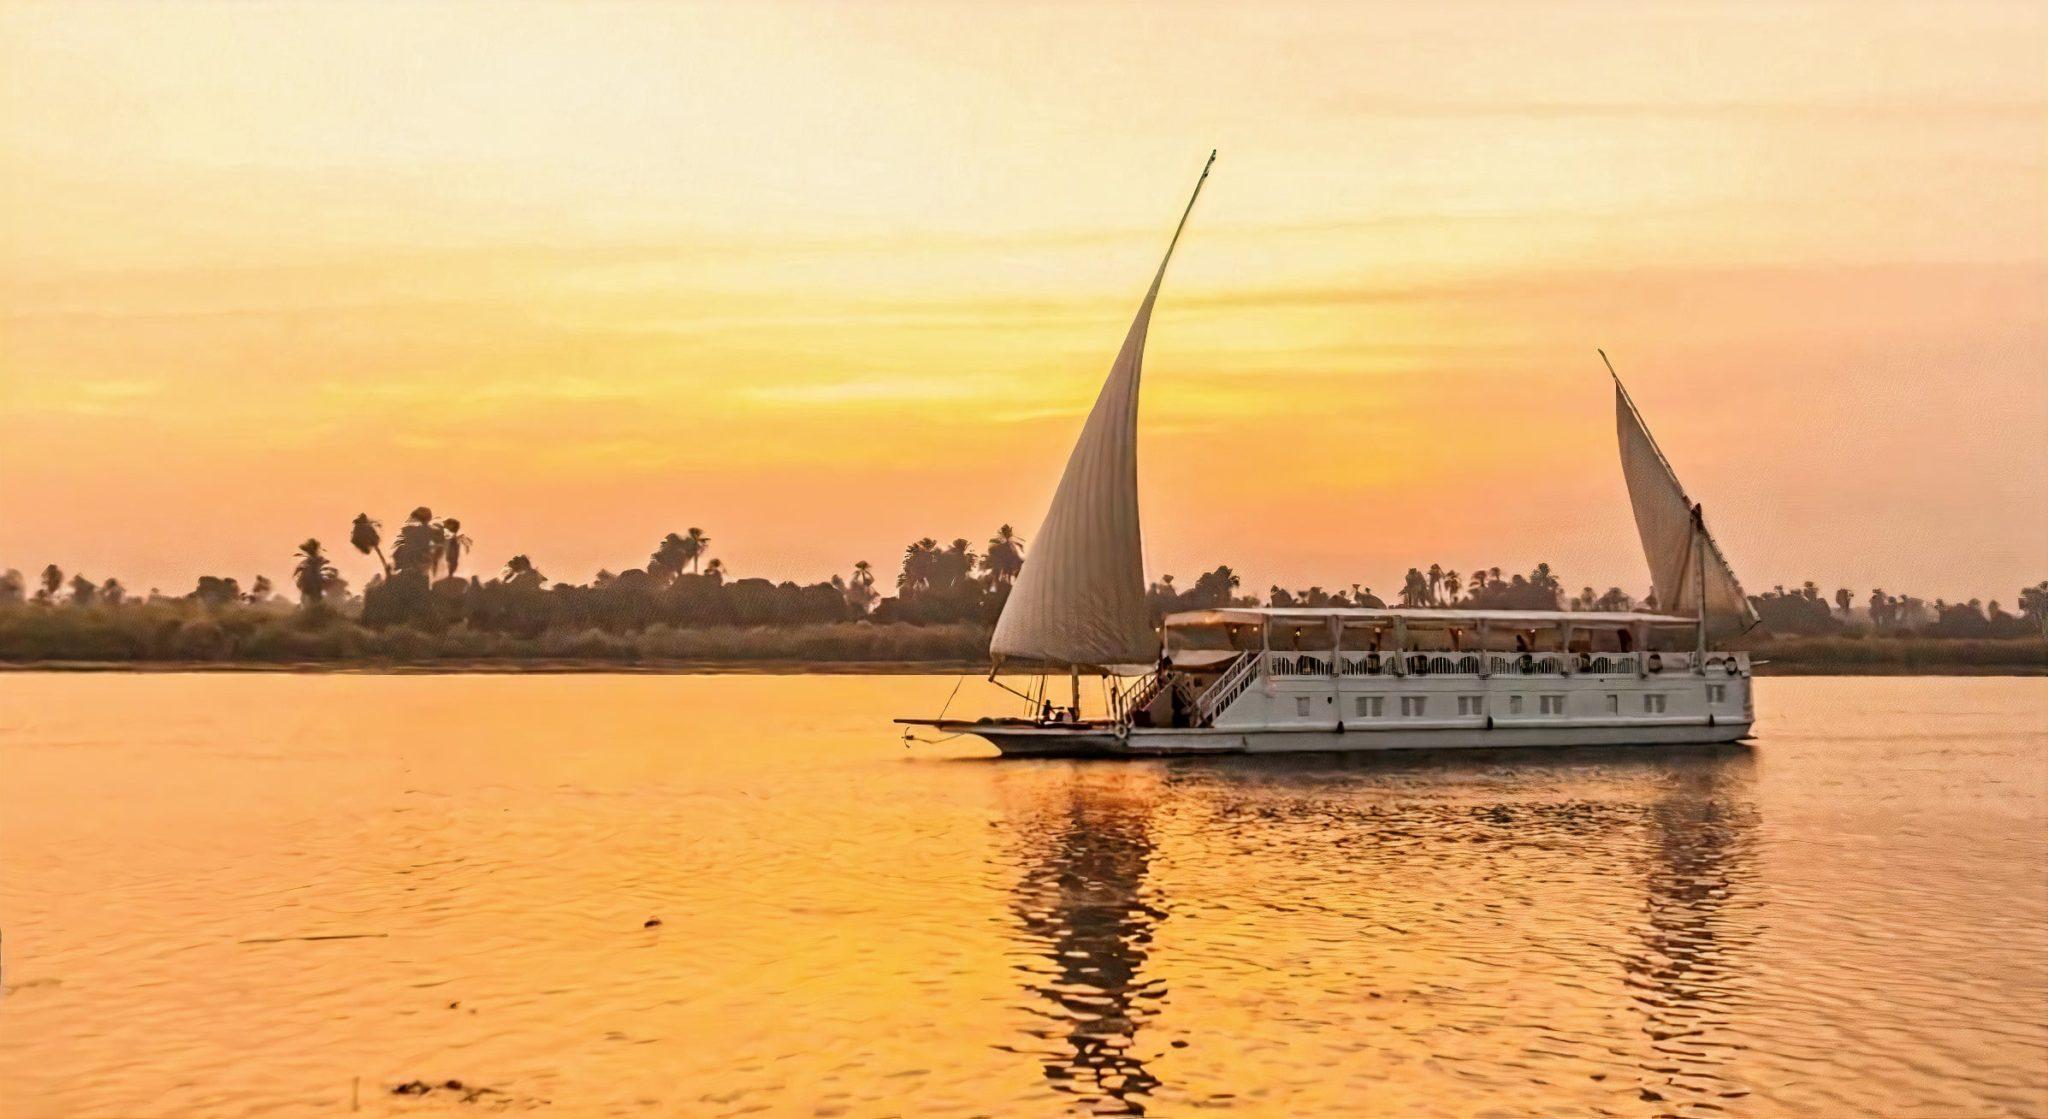 Croisiere sur le Nil en dahabeya -photo principale